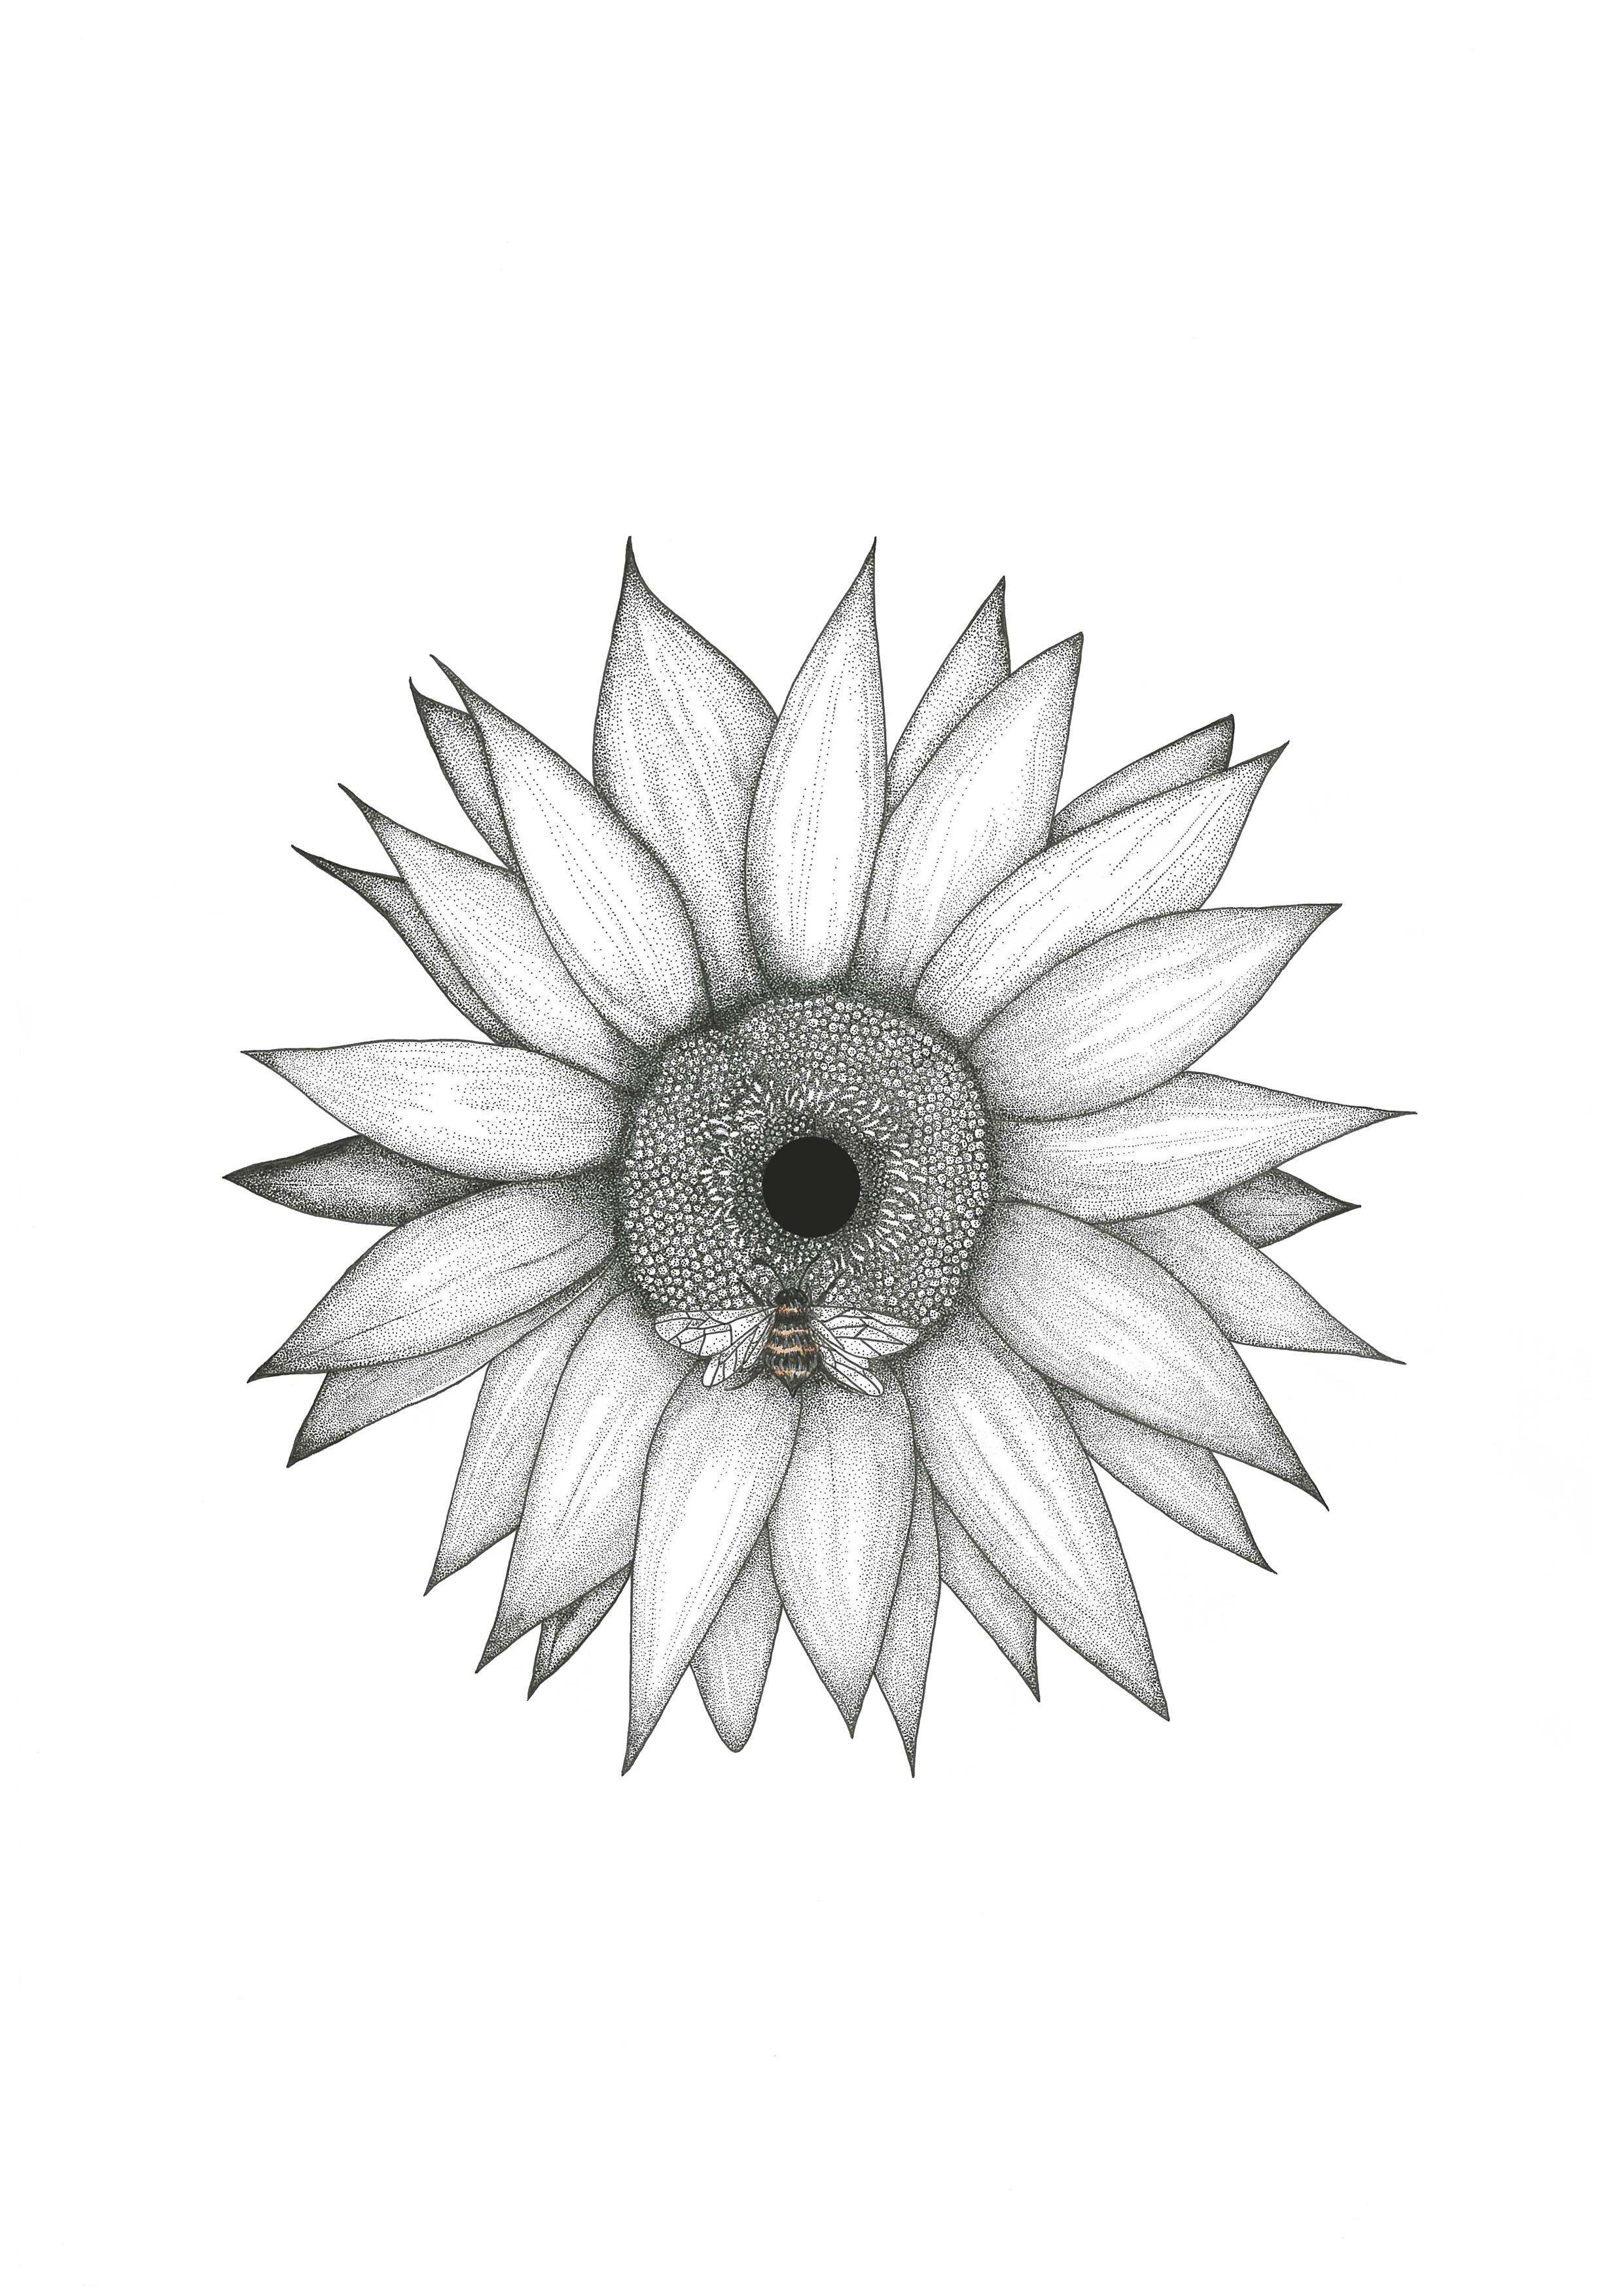 Sunflower-2017.jpg